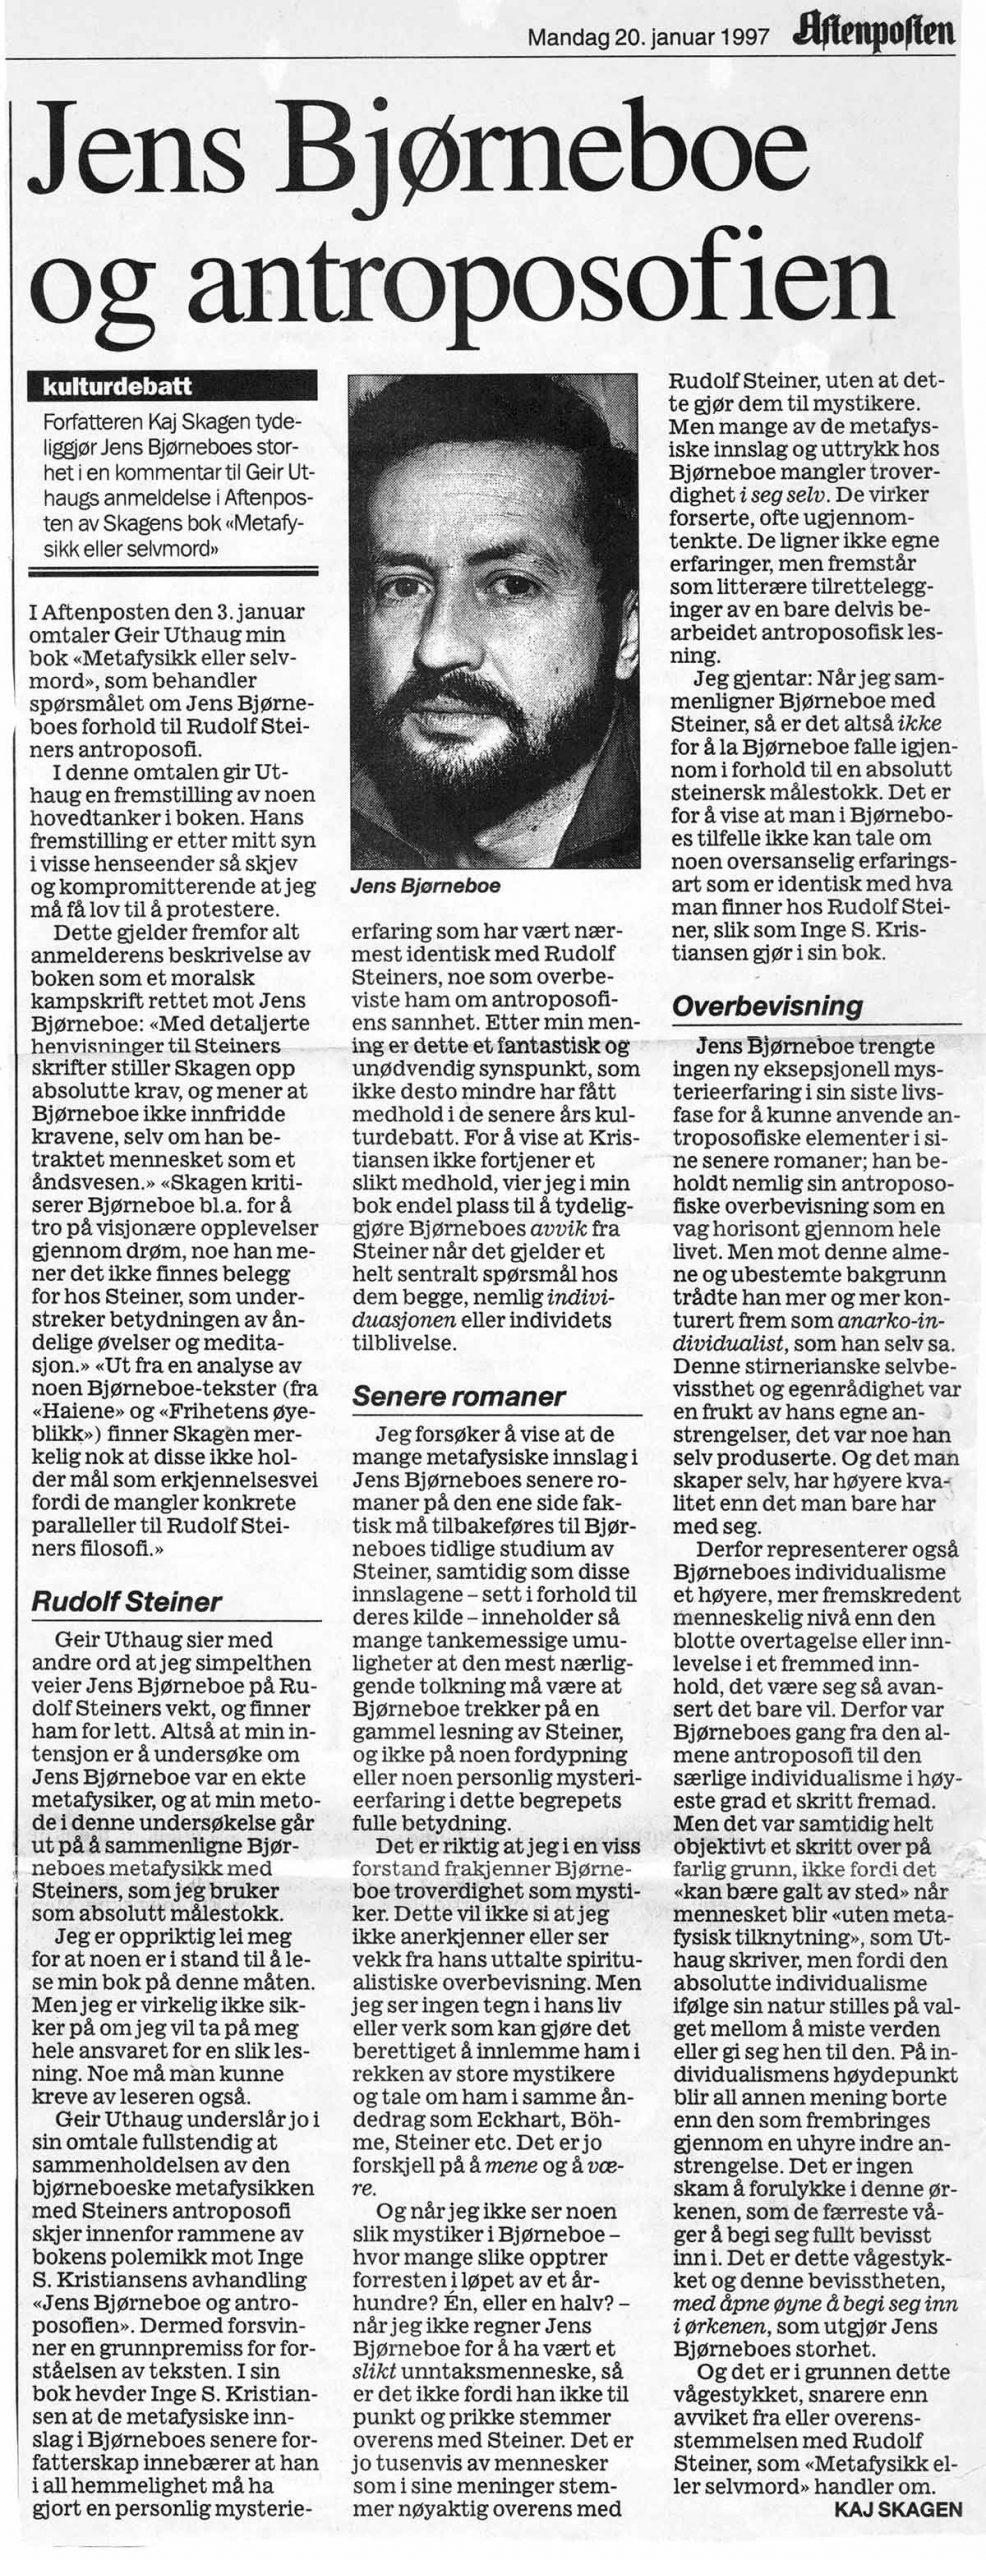 Utklipp fra Aftenposten 1997